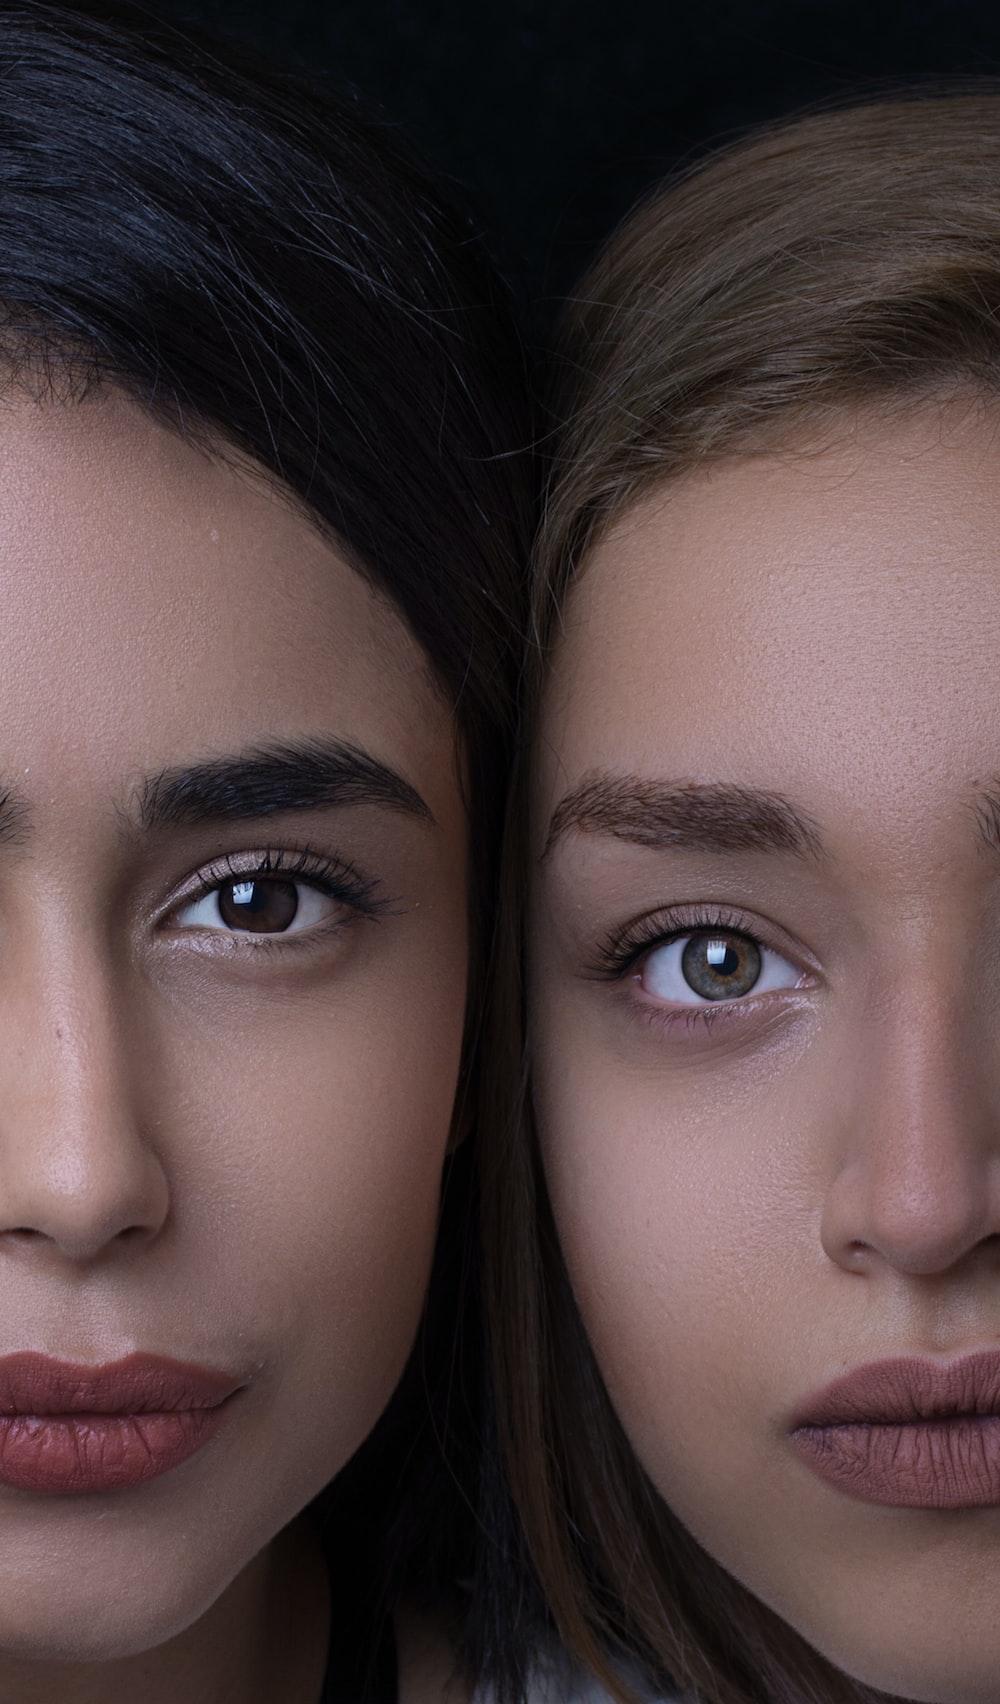 portrait of woman faces